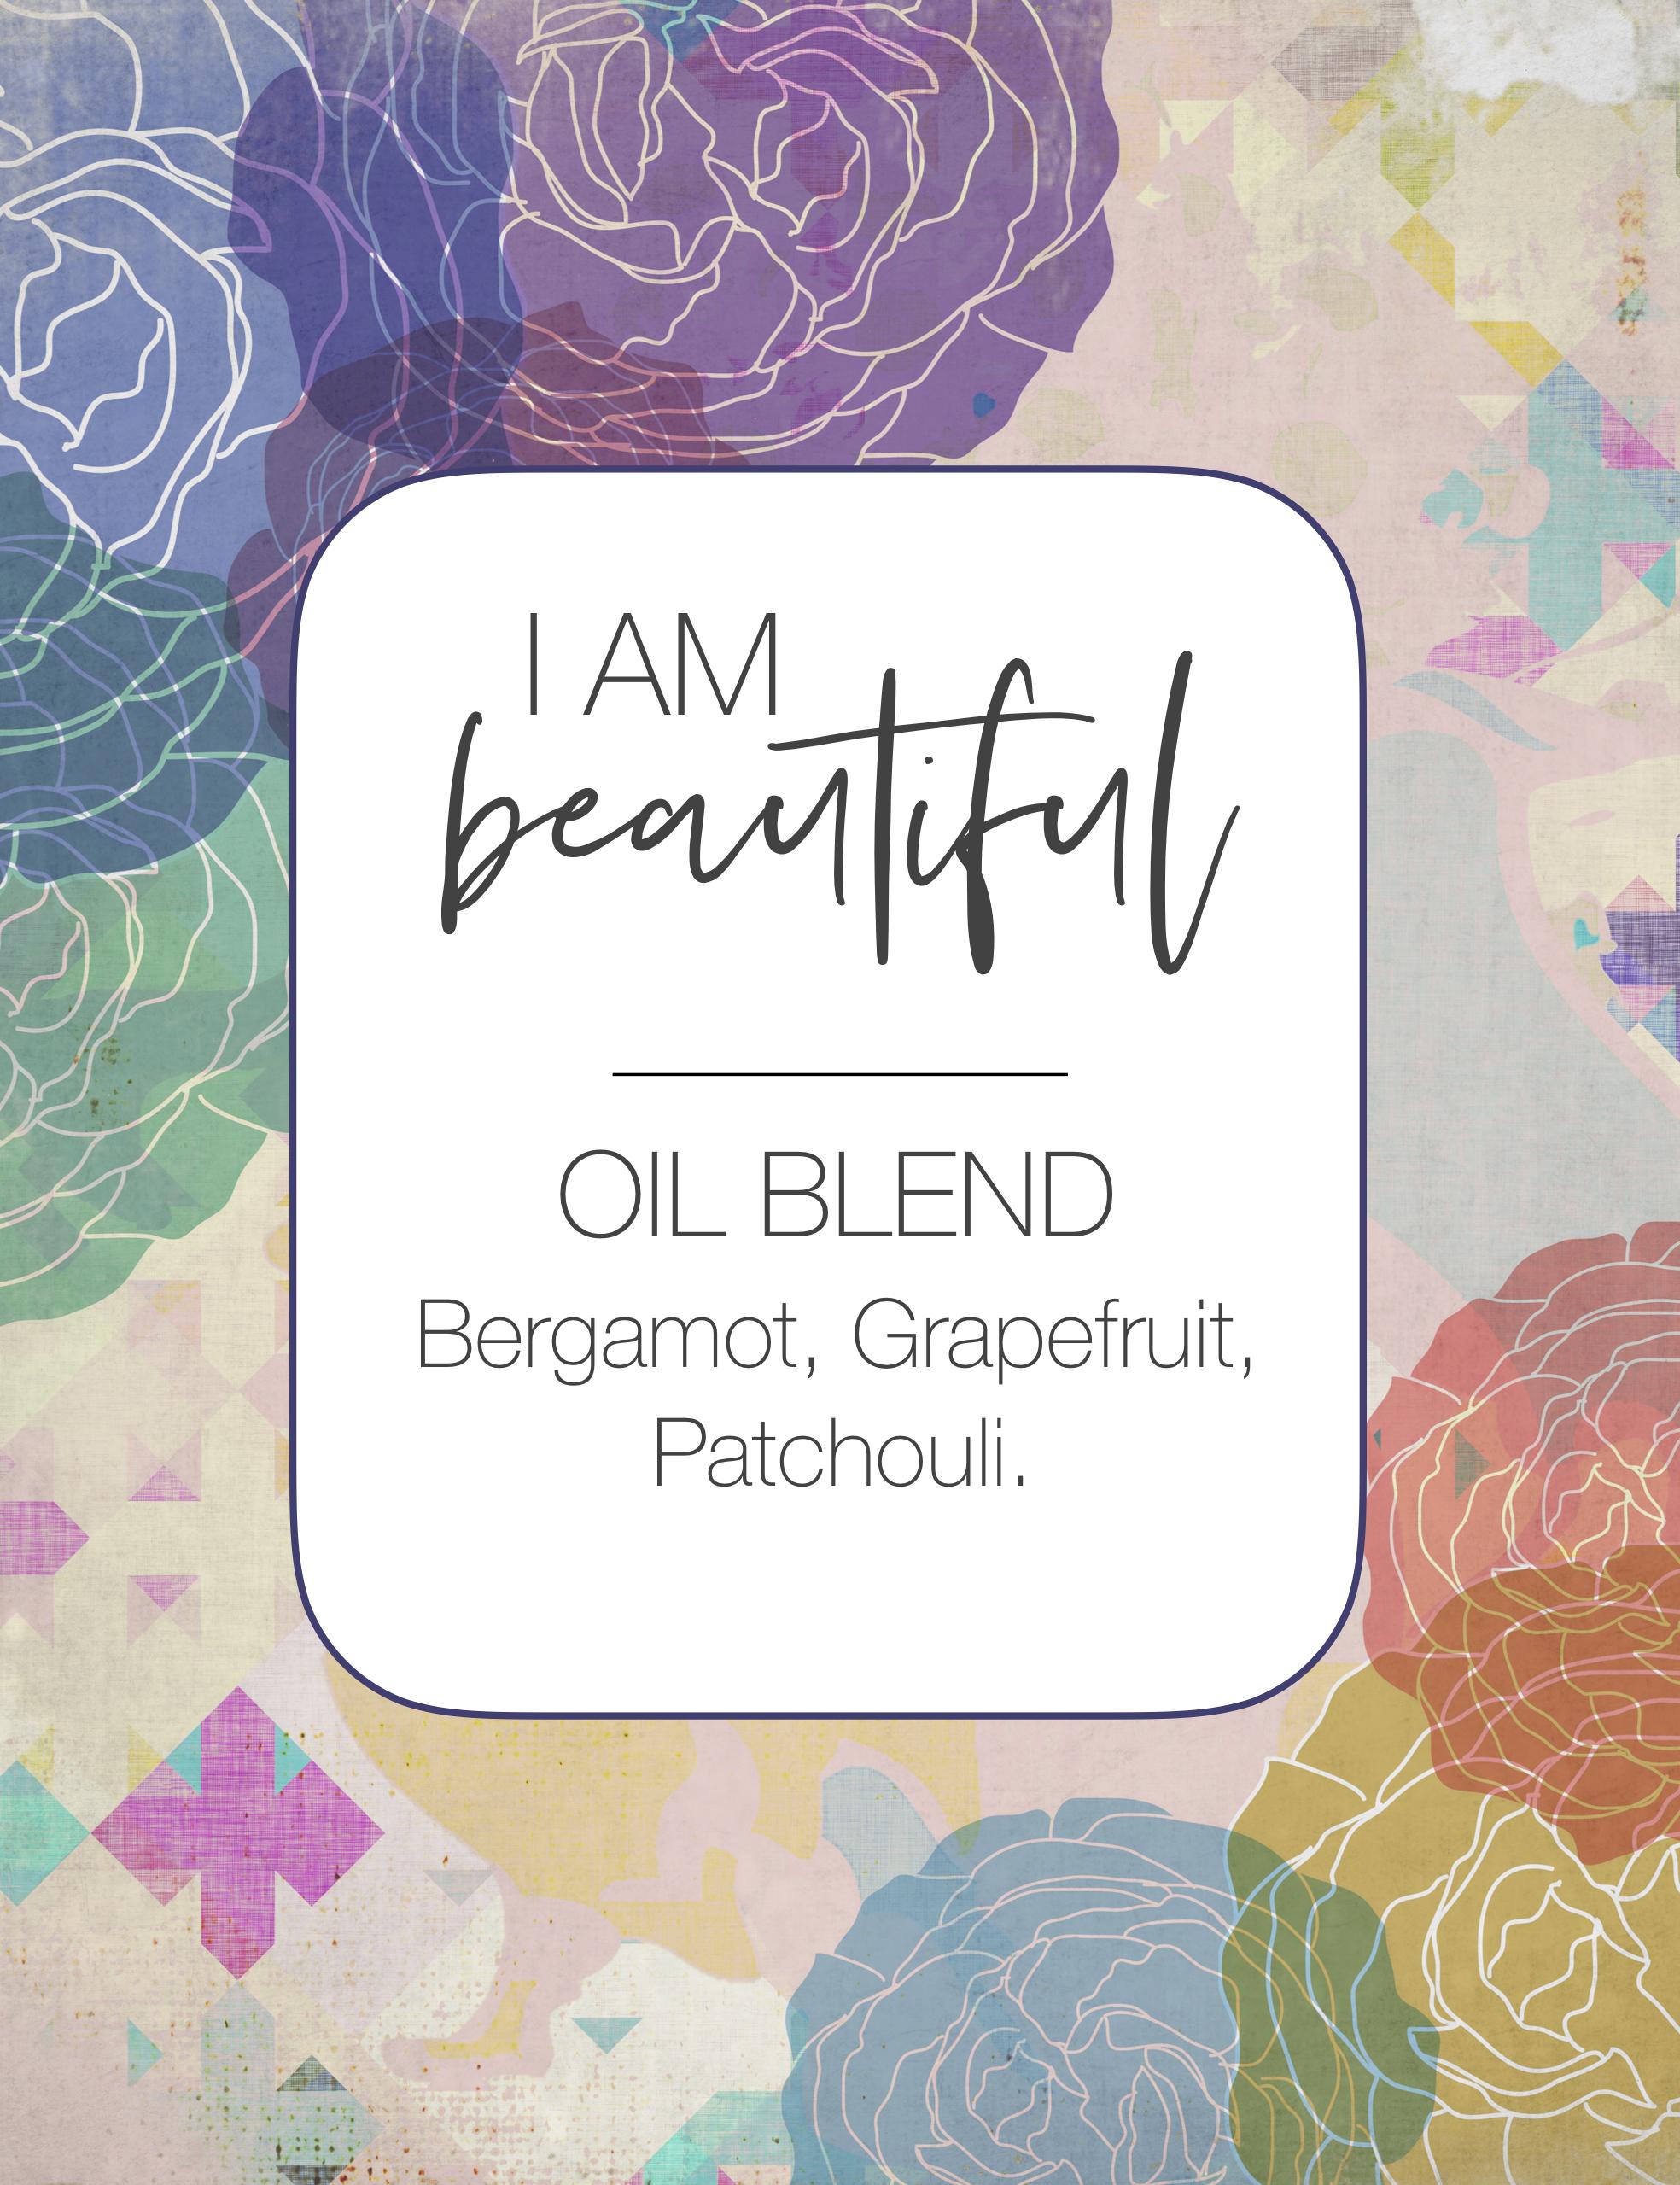 I-am-beautiful-10ml-Roller-Bottle-Blend-JPEG.jpg